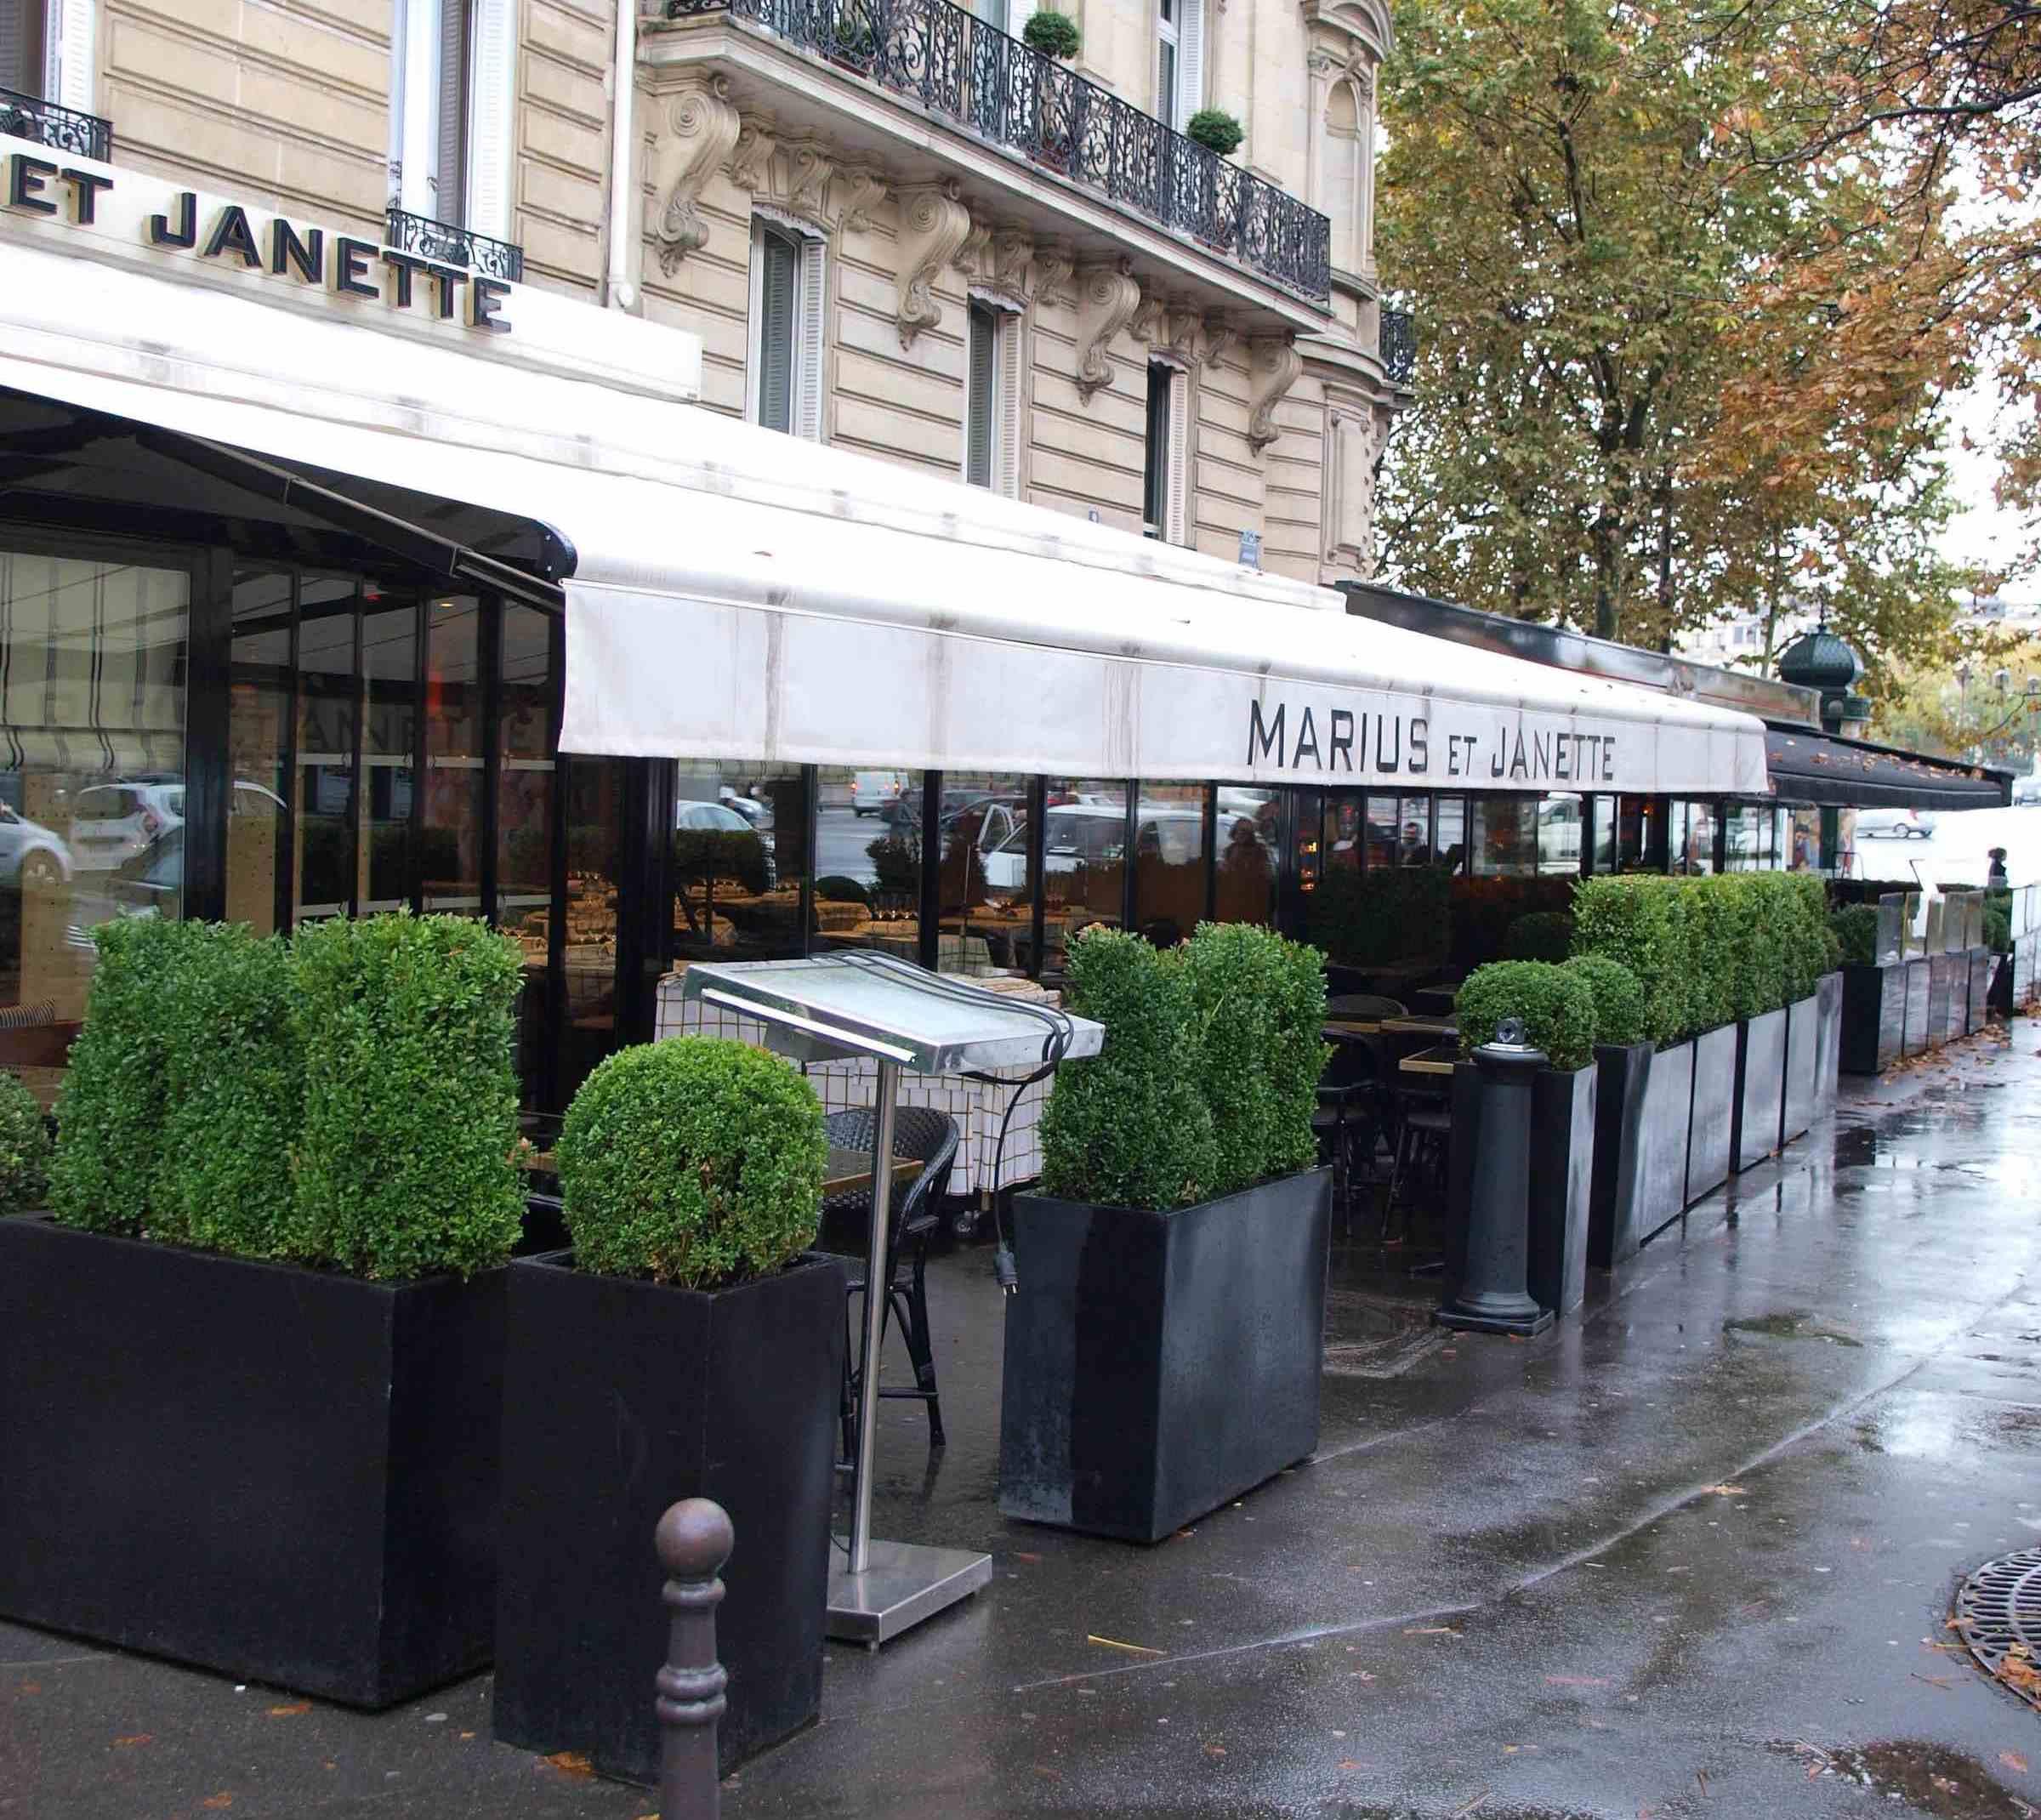 nouveaux chauffages infrarouges conomiques pour la terrasse du restaurant marius et janette. Black Bedroom Furniture Sets. Home Design Ideas